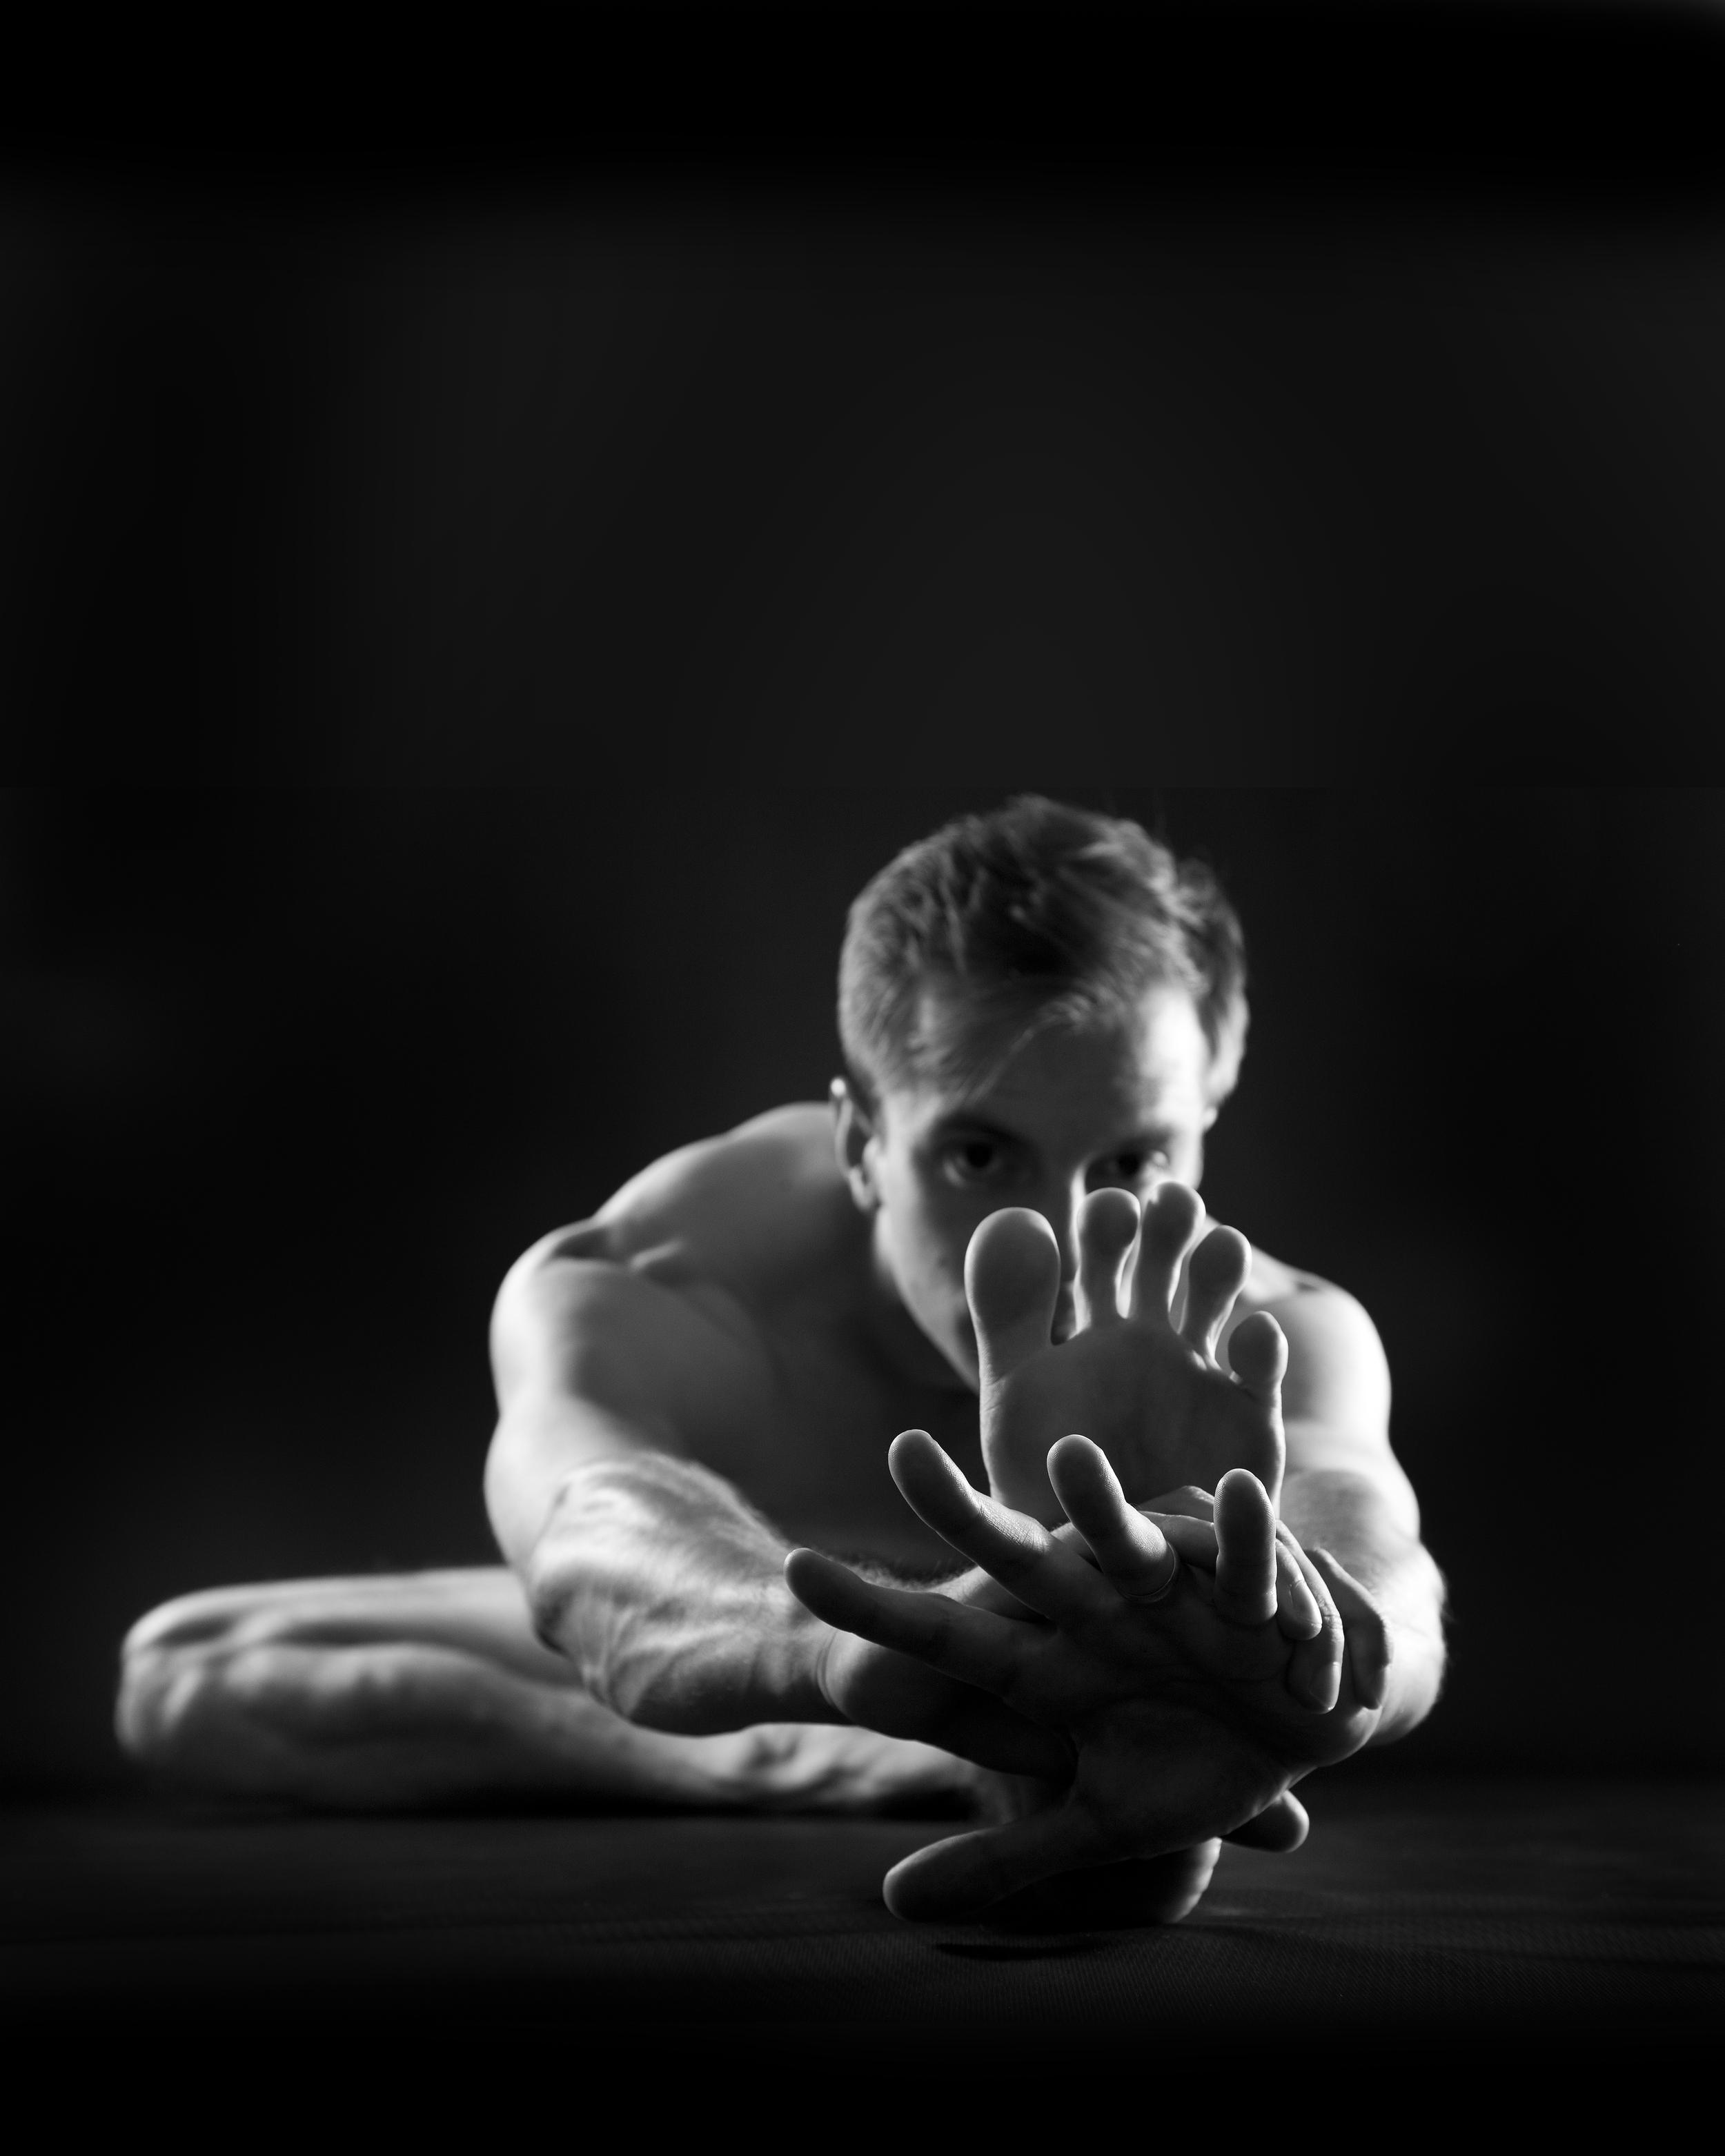 jack-cuneo-yoga-contact-02